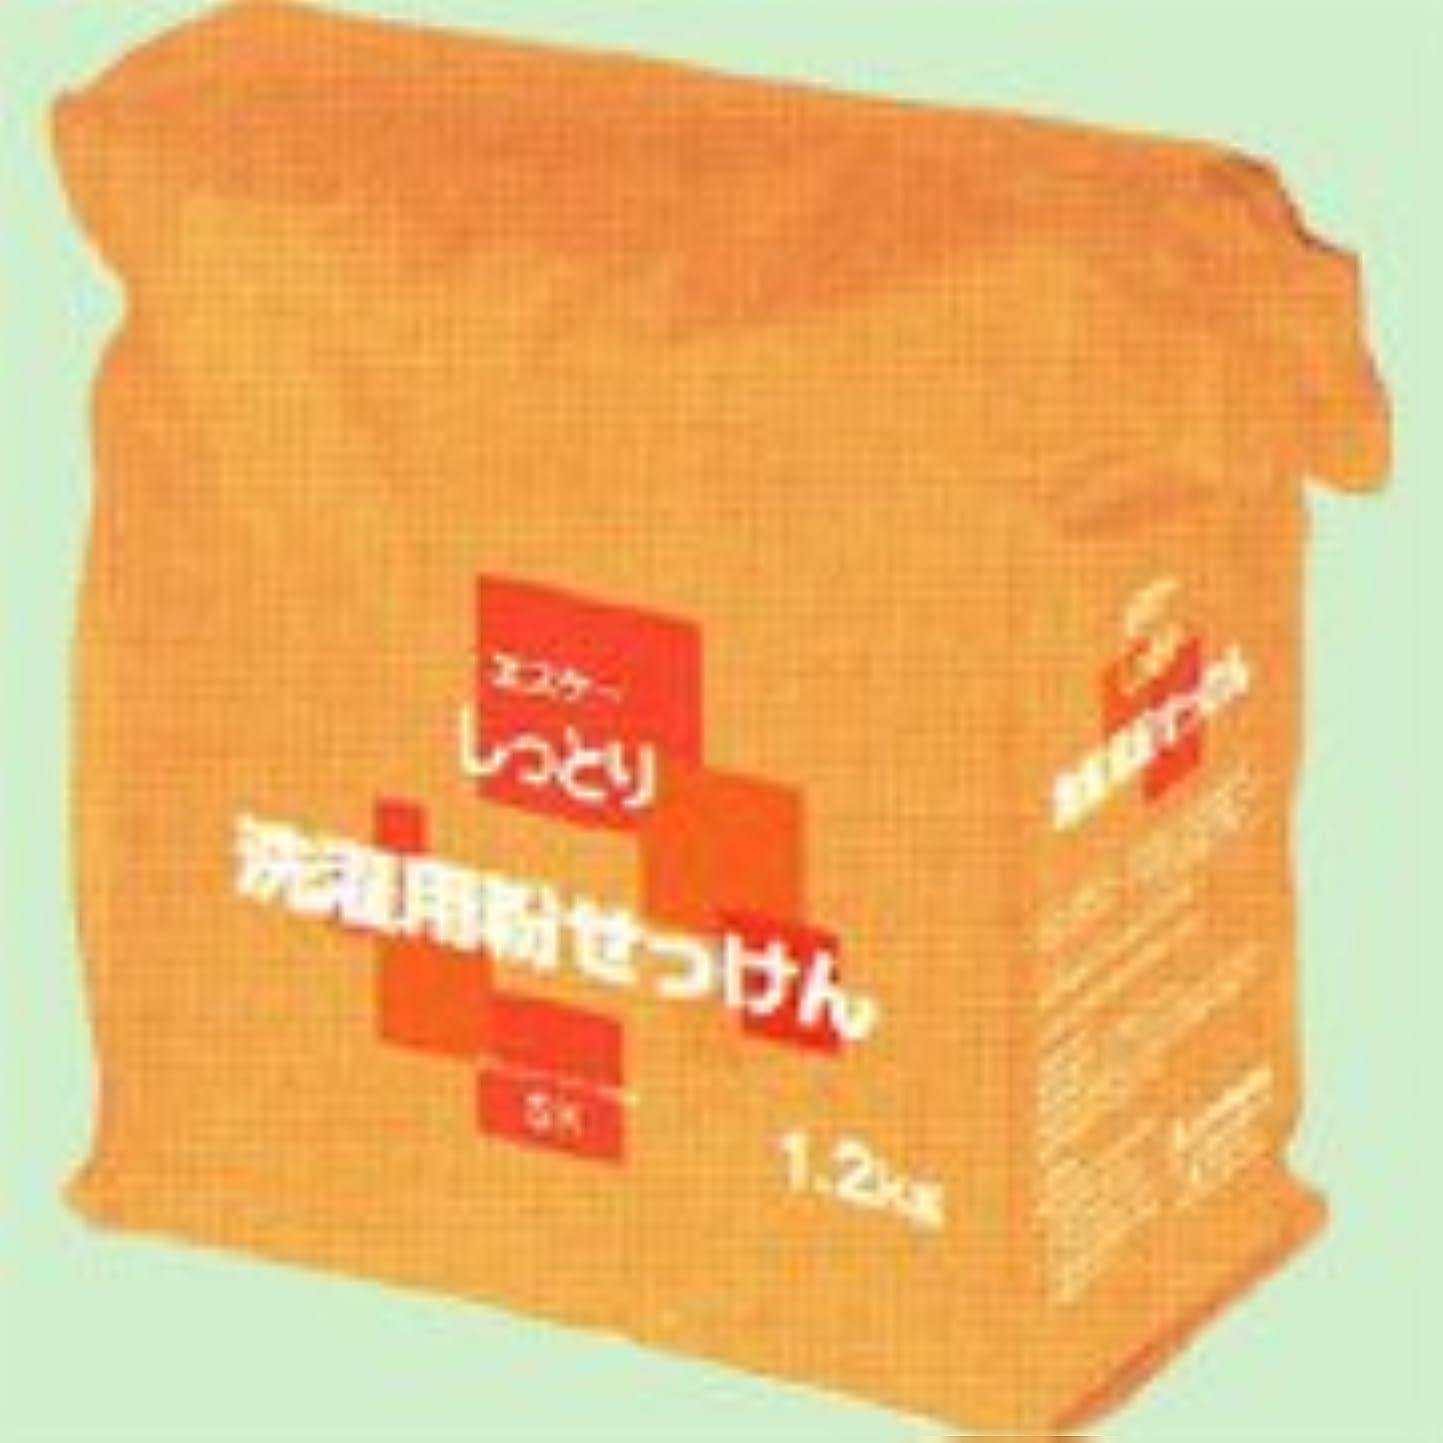 移住する風膨張するしっとり洗濯用粉せっけん詰替用 1.2kg   エスケー石鹸